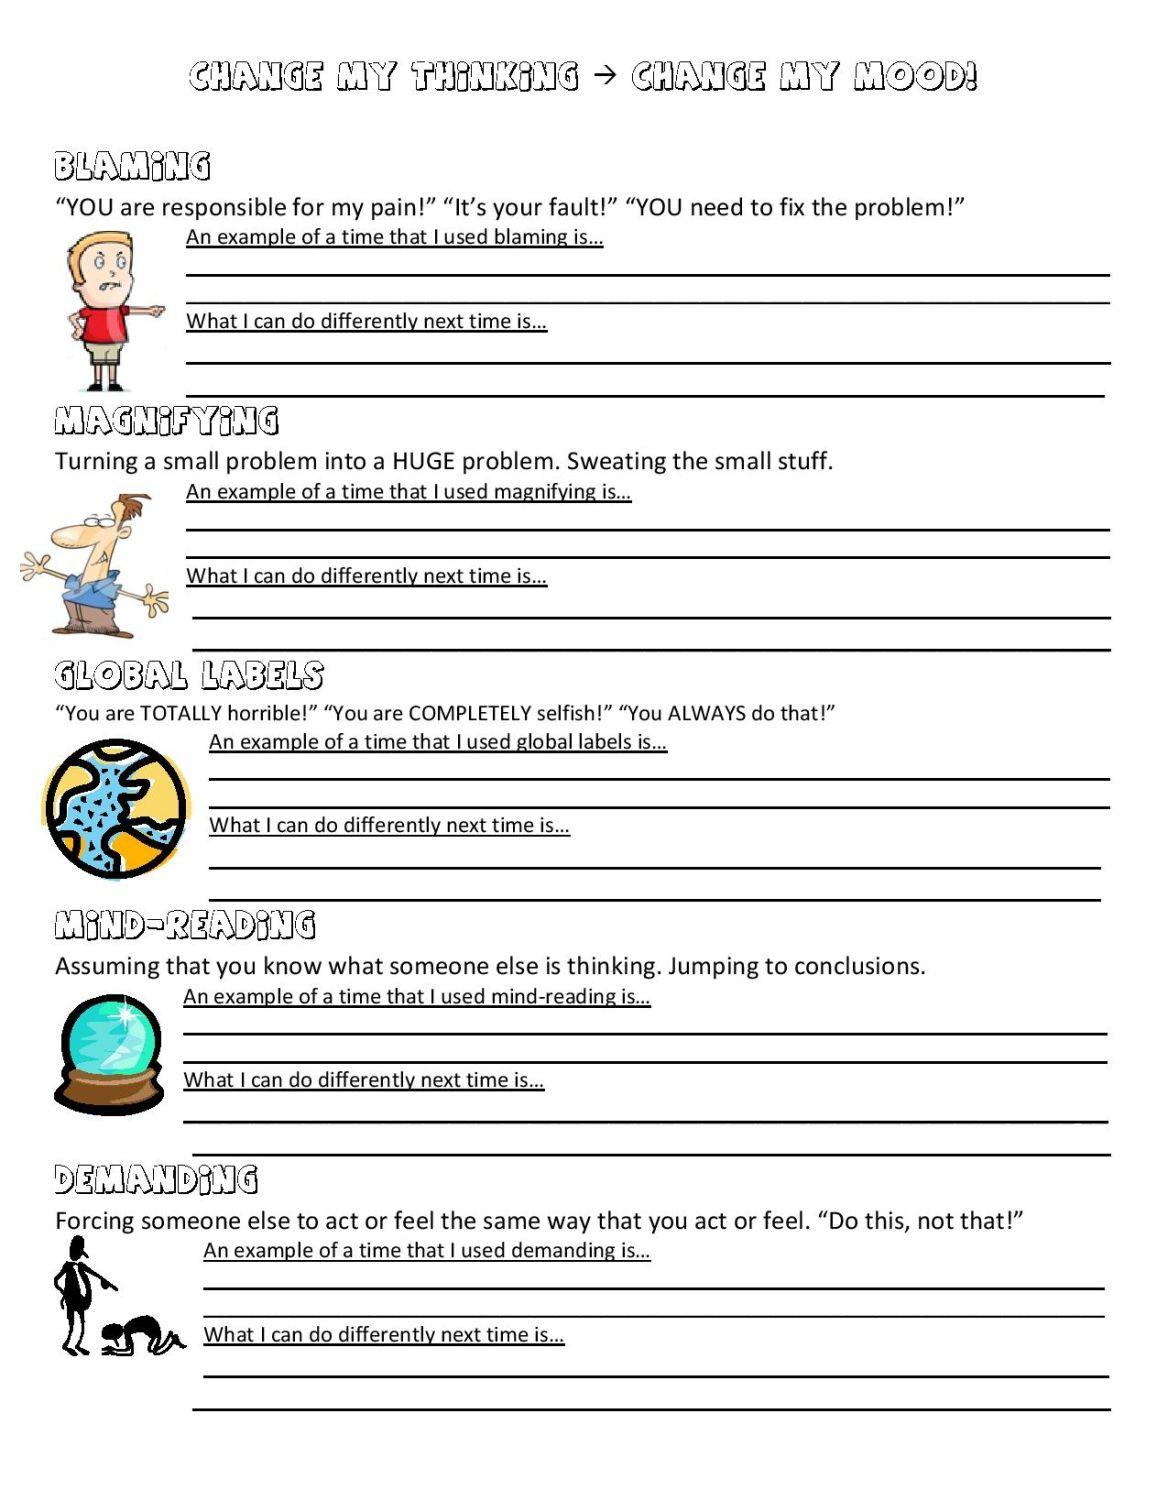 Anger Management Worksheet Anger Management Worksheets Anger Management Skills Anger Worksheets